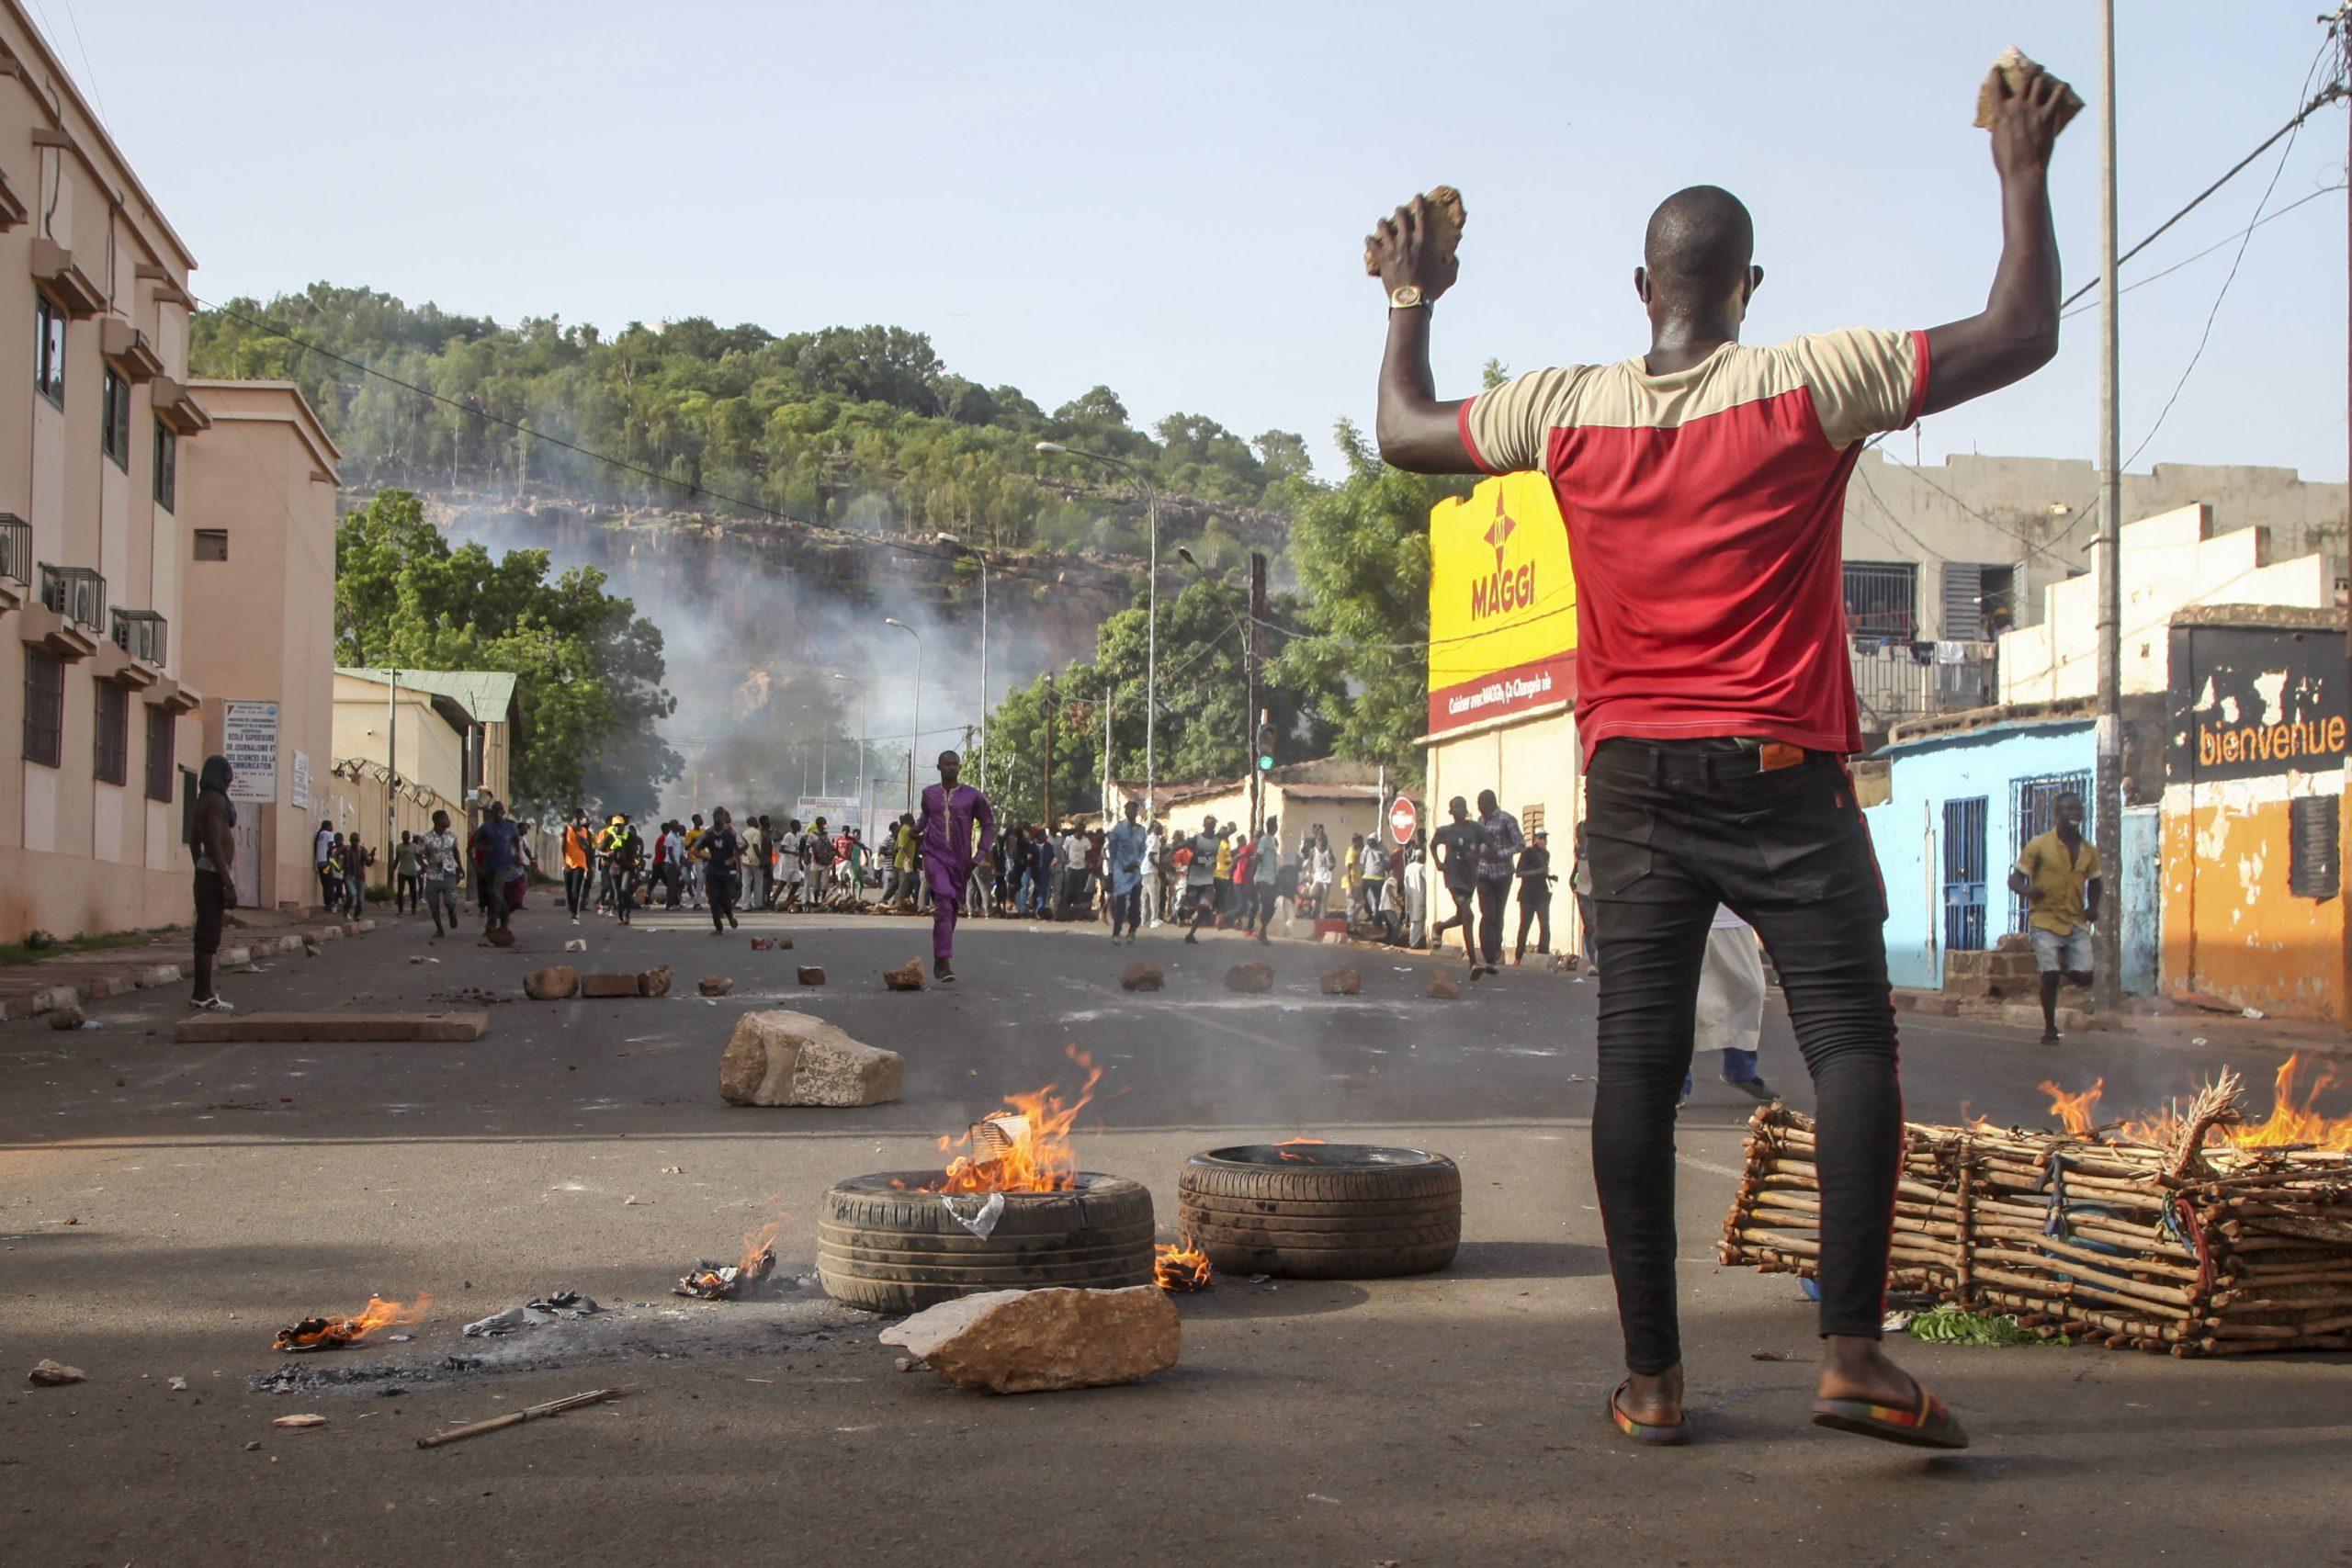 Des manifestants réclament le départ d'Ibrahim Boubacar Keïta dans les rues de Bamako, le 29 juin 2020.